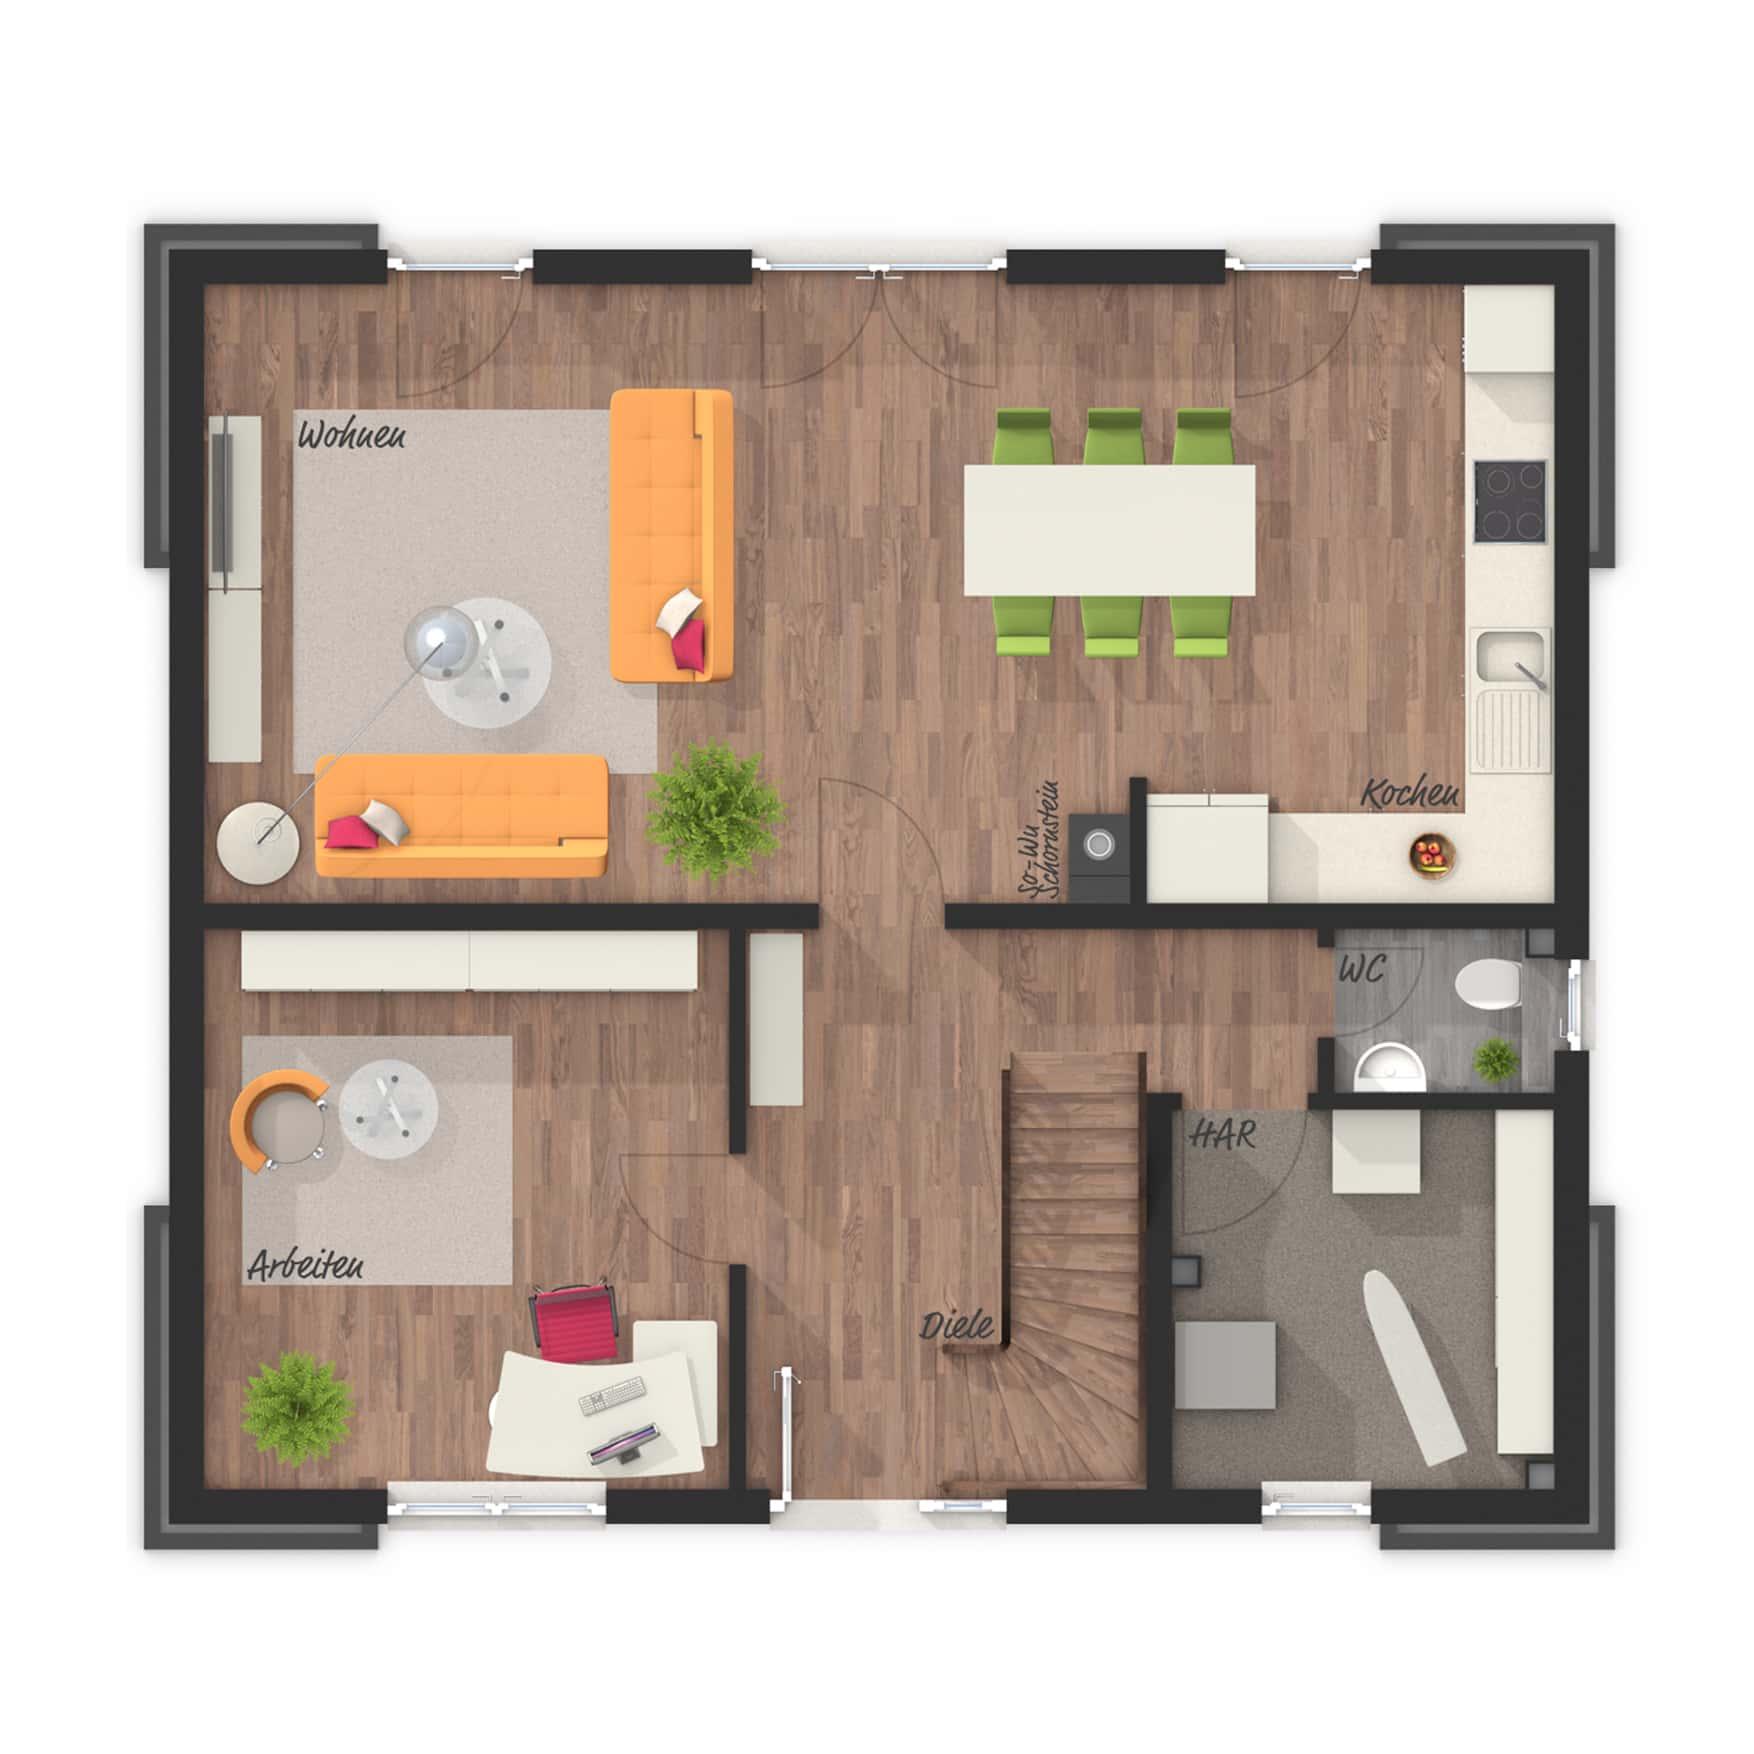 Grundriss Einfamilienhaus Erdgeschoss Küche offen, 5 Zimmer, 120 qm - Massivhaus schlüsselfertig bauen Ideen Town Country Haus Flair 130 Klinker - HausbauDirekt.de